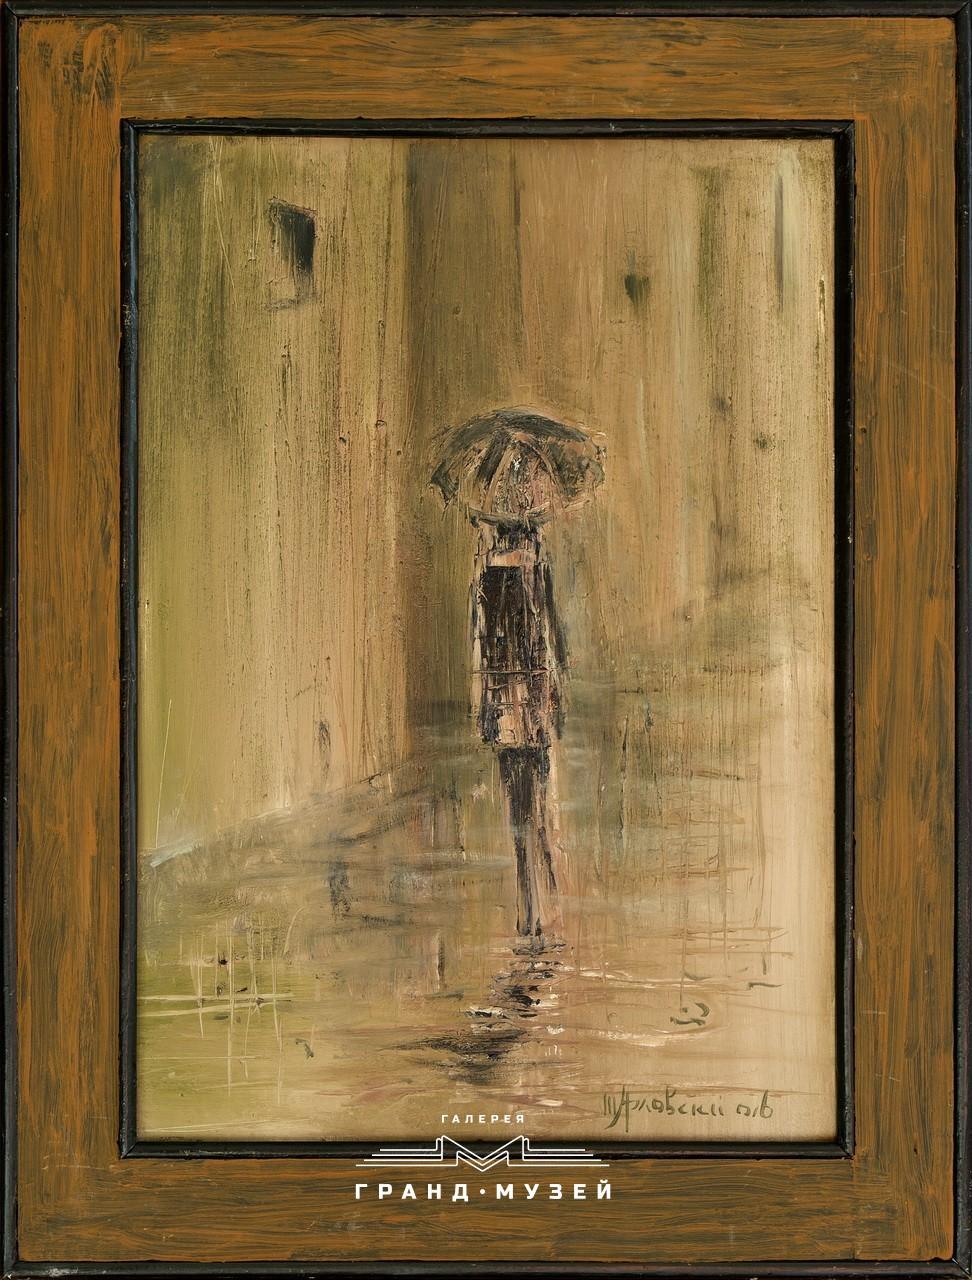 В городе дождь